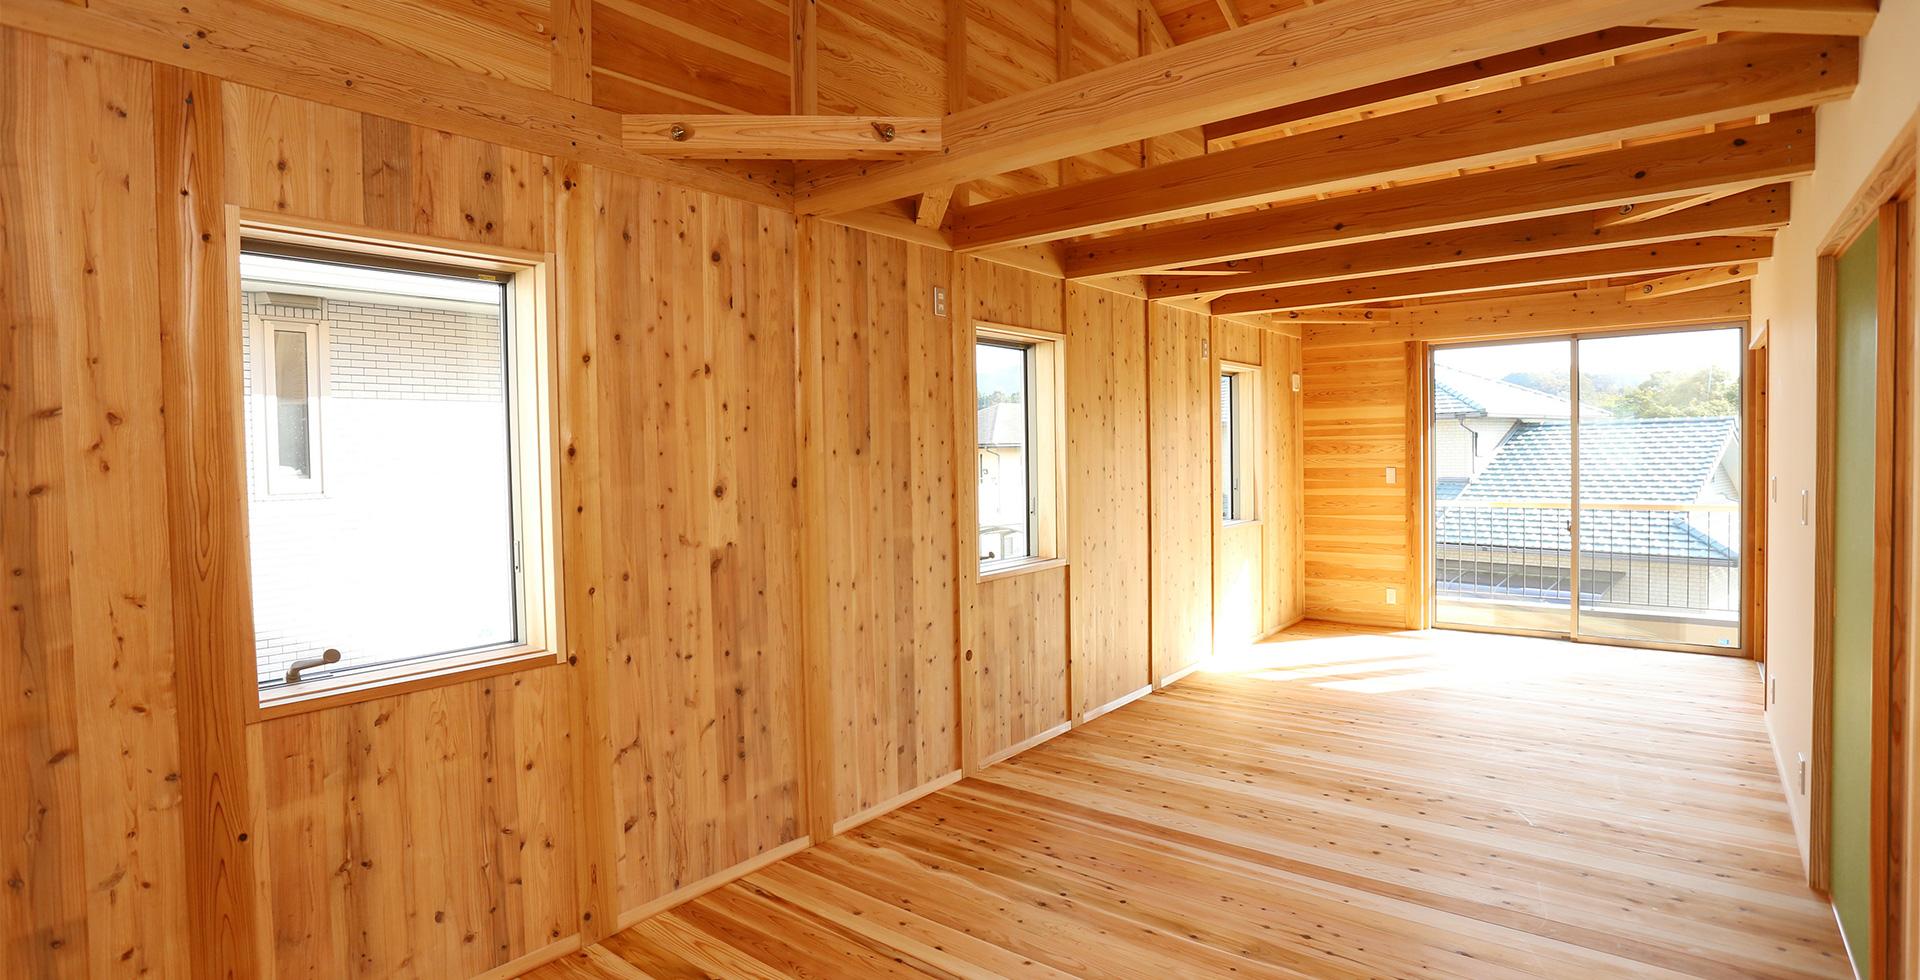 Biesse для деревянного домостроения: Фото 3